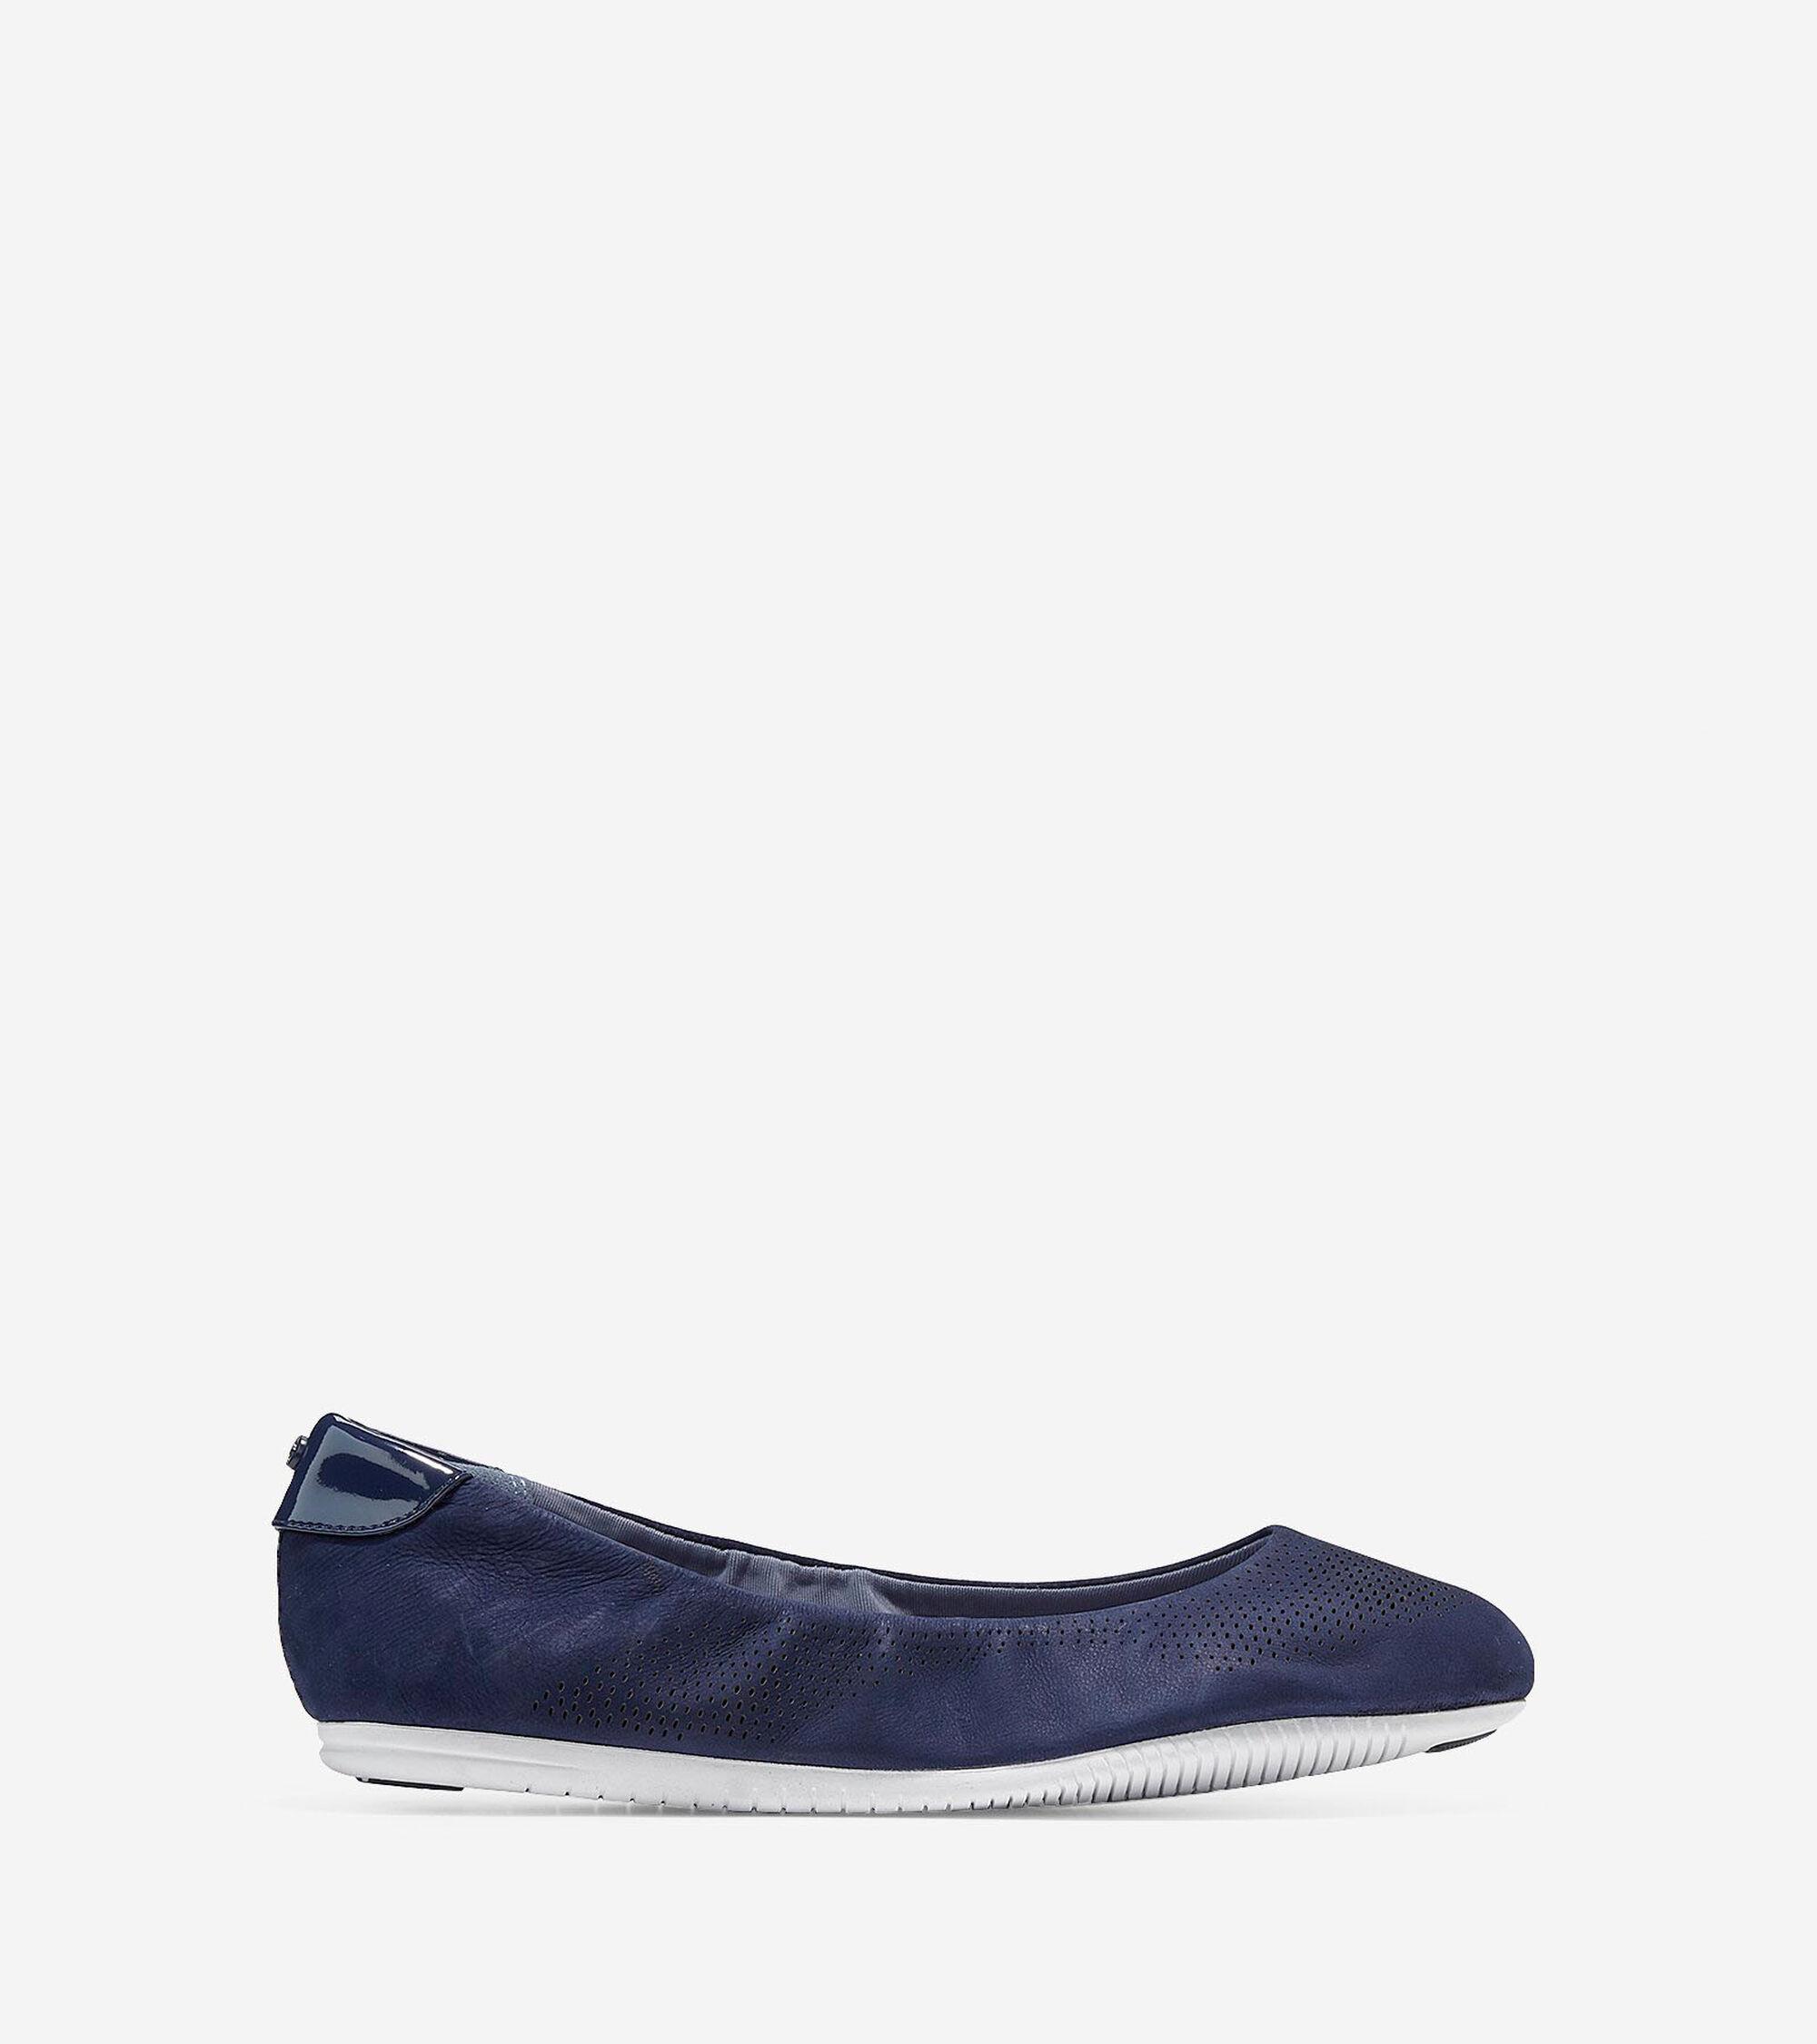 Ballet Flats > StudiøGrand Packable Ballet Flat